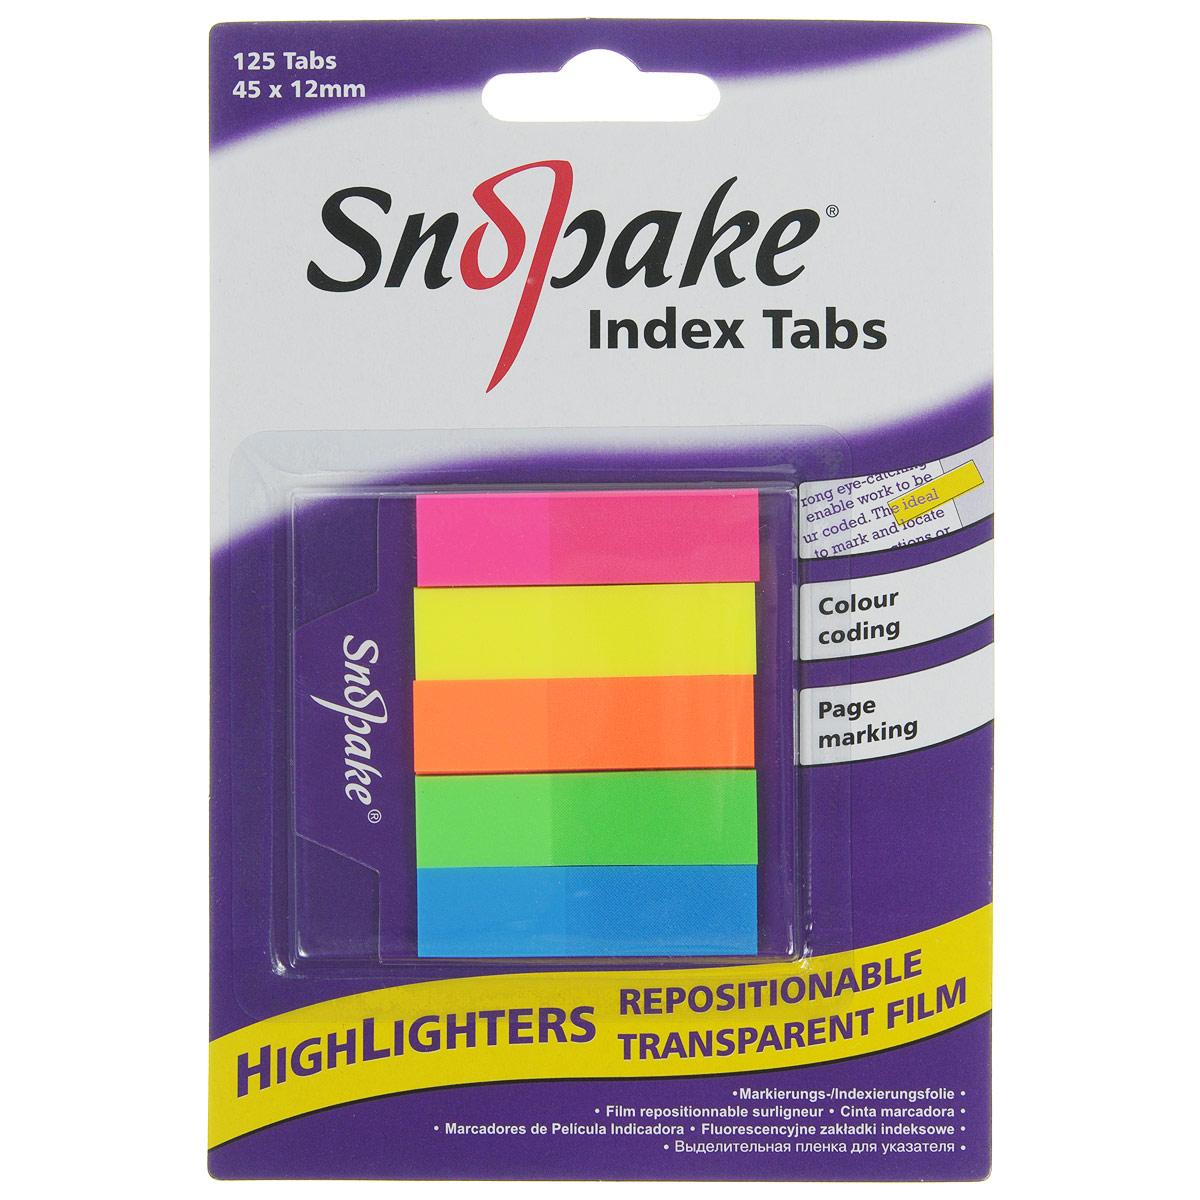 Закладка самоклеящаяся Snopake Index Tab, 4,5 см х 1,2 см, 125 штK13154Самоклеящаяся закладка Index Tab станет вашим верным помощником дома и в офисе, и пригодится не только любителям чтения, но и тем, кто работает с большими объемами документов. Яркие закладки розового, желтого, оранжевого, зеленого и синего цветов позволяют не только отметить или выделить нужное место в книге или документе, но и снабдить его своими записями. Закладки совершенно прозрачны и не закрывают текст и могут применяться как безопасная для бумаги альтернатива маркерам-выделителям. Уникальный клеевой состав, нанесенный на закладку, позволяет многократно переклеивать ее, не повреждая при этом страницу. В комплект входят 125 закладок.Самоклеящаяся закладка Index Tab станет практичным офисным или домашним инструментом и поможет вам упорядочить информацию, не повреждая бумагу.